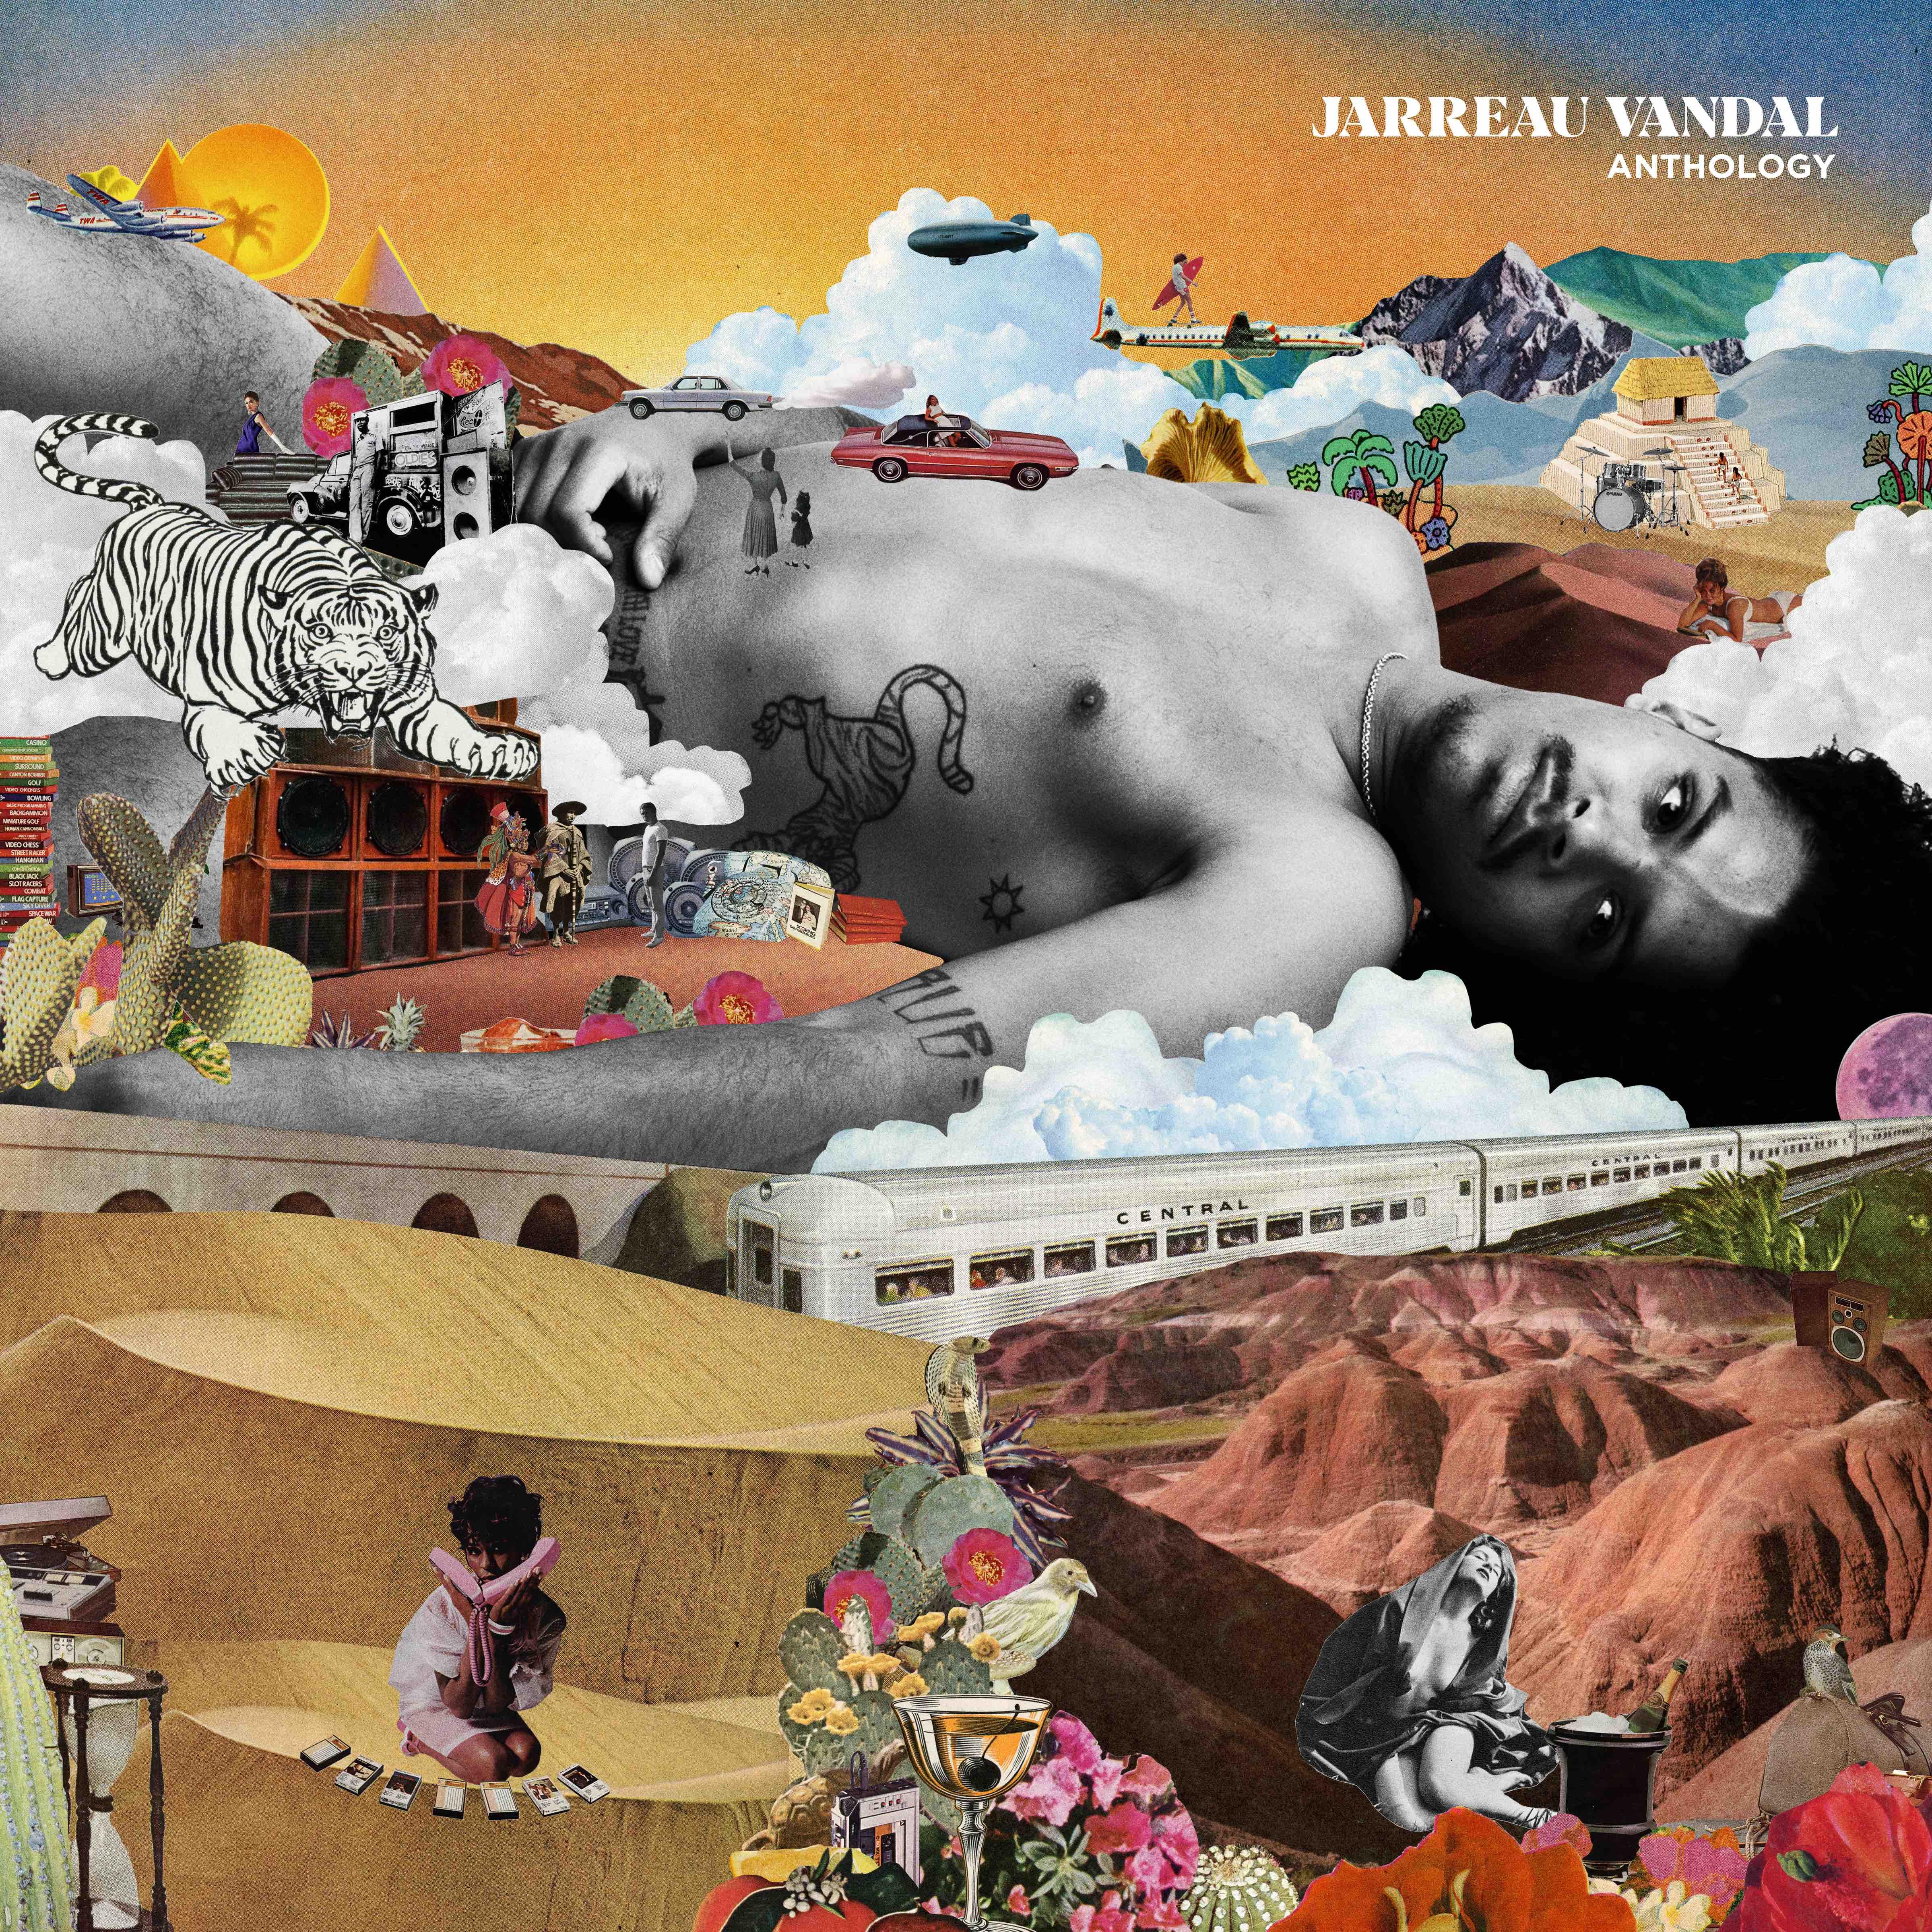 Jarreau Vandal - Anthology